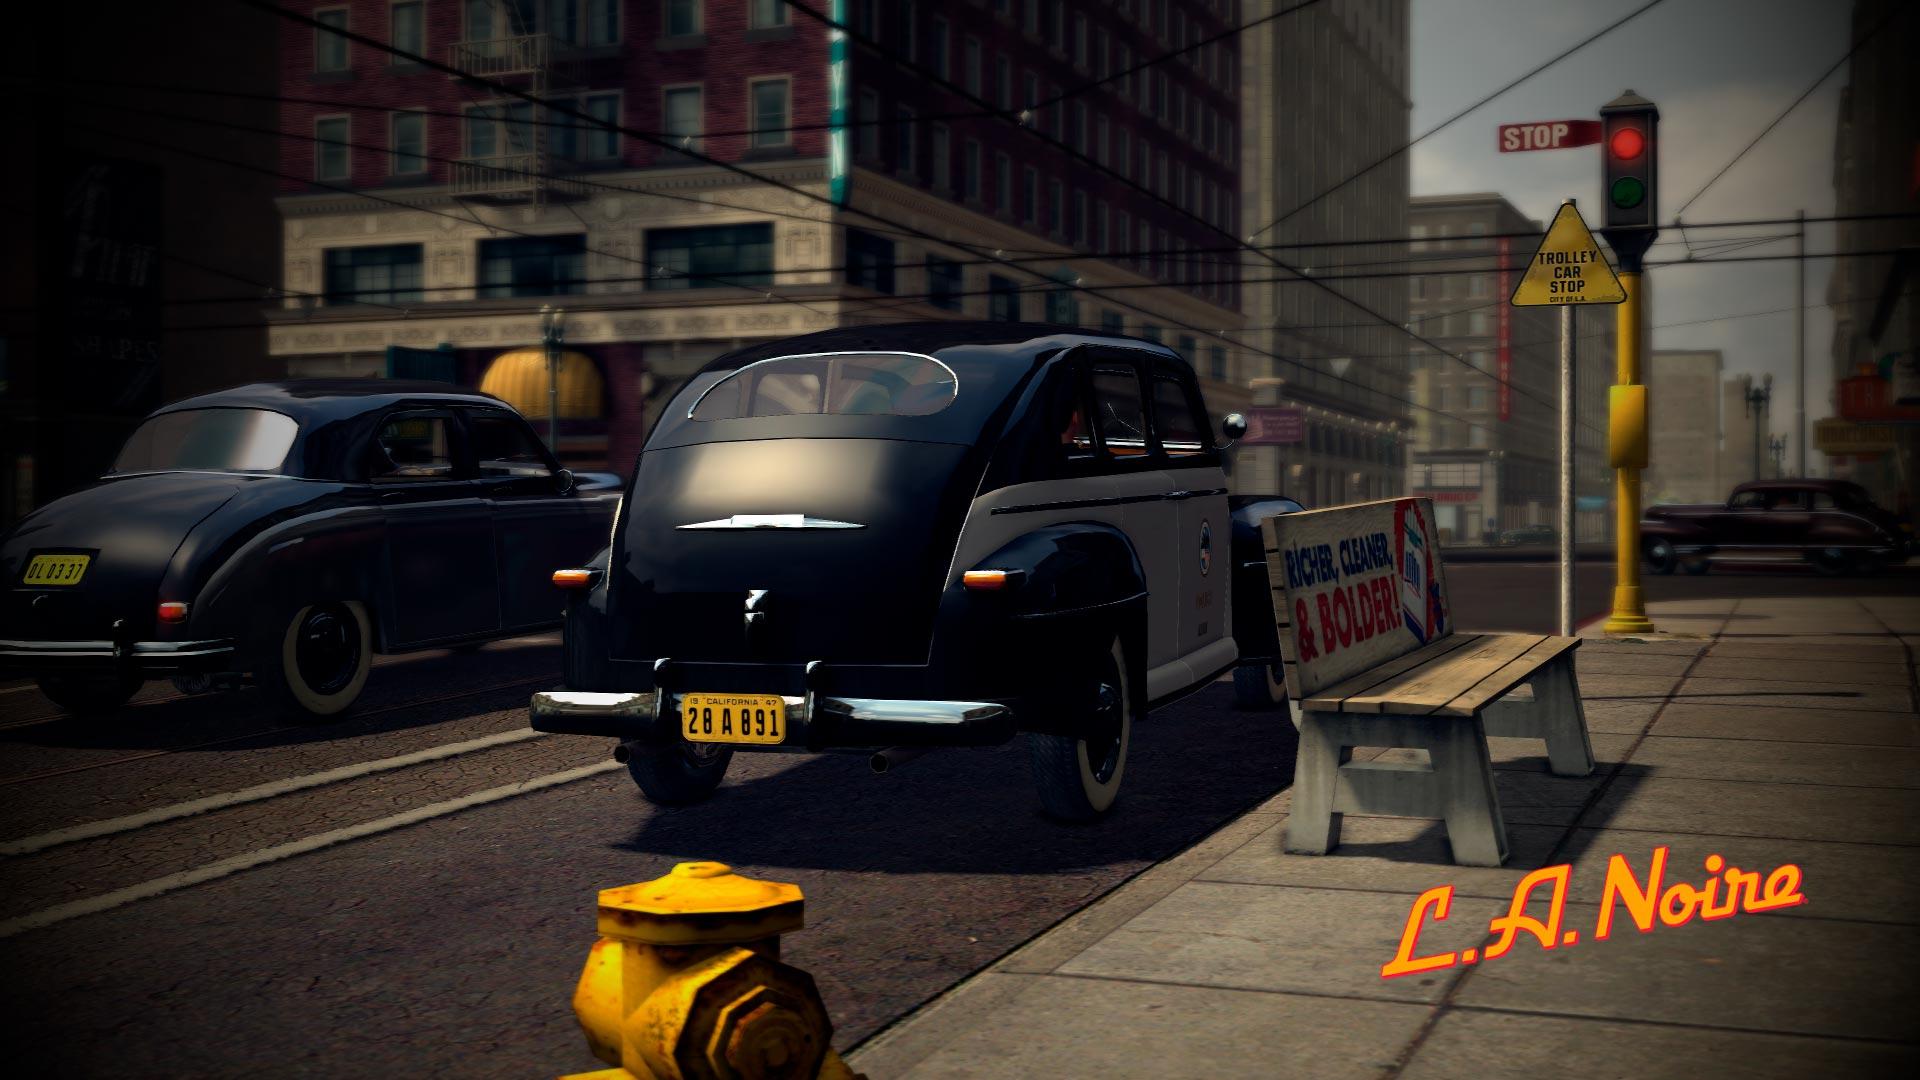 El coche patrulla en Modo Foto